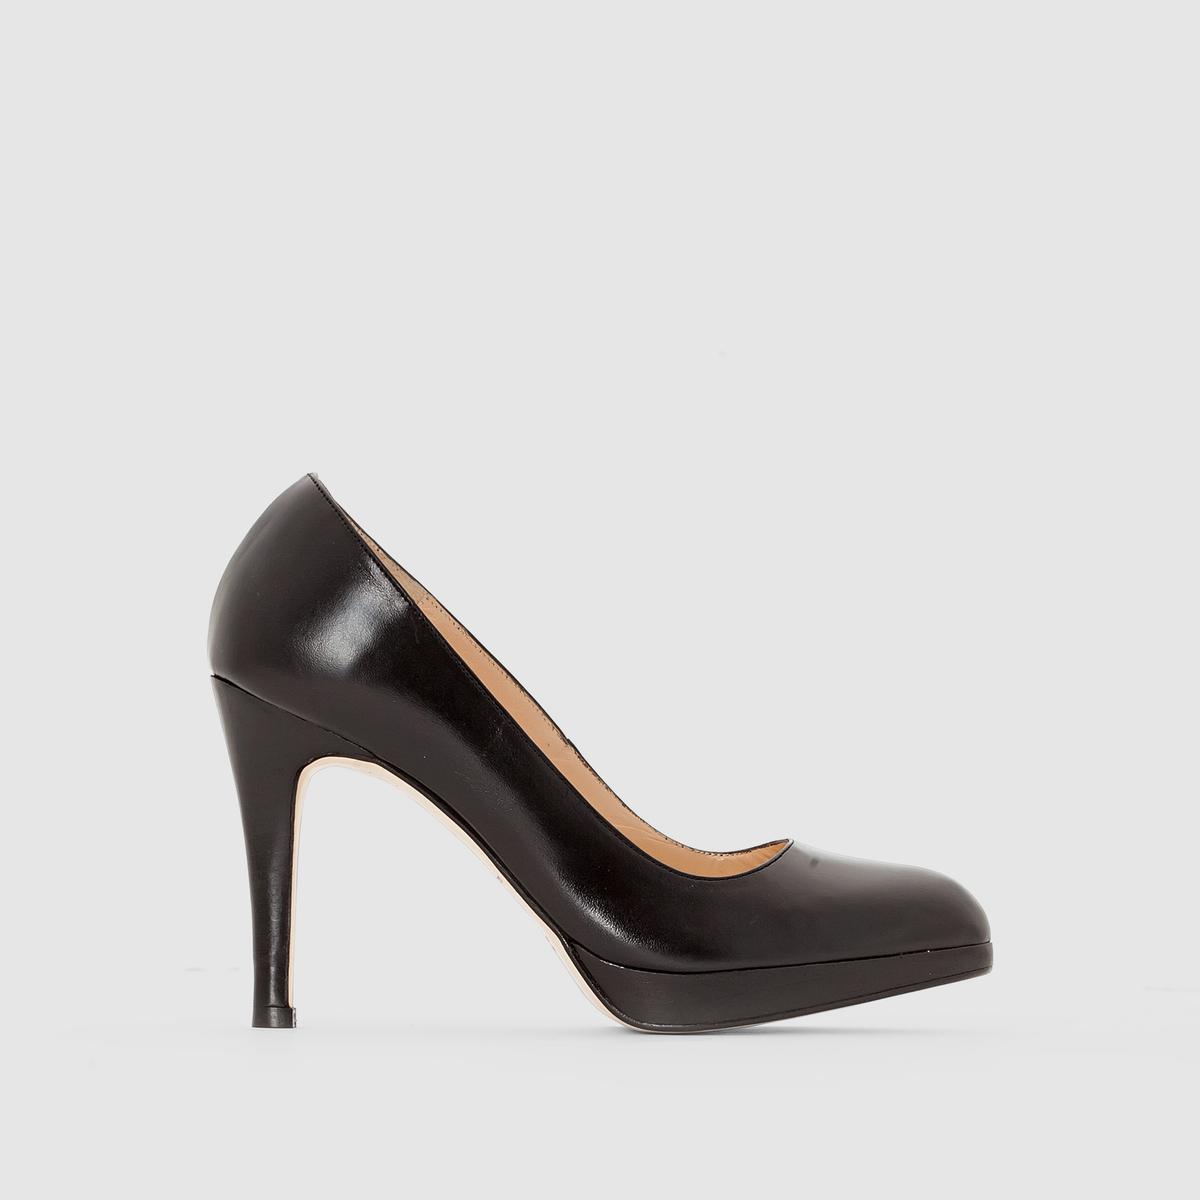 Туфли кожаныеТуфли с заостренным мысом JONAK. Верх из кожи. Подкладка и стелька из кожи. Каблук 8 см. Подошва из эластомера. Воплощение шика и гламура!<br><br>Цвет: черный<br>Размер: 39.40